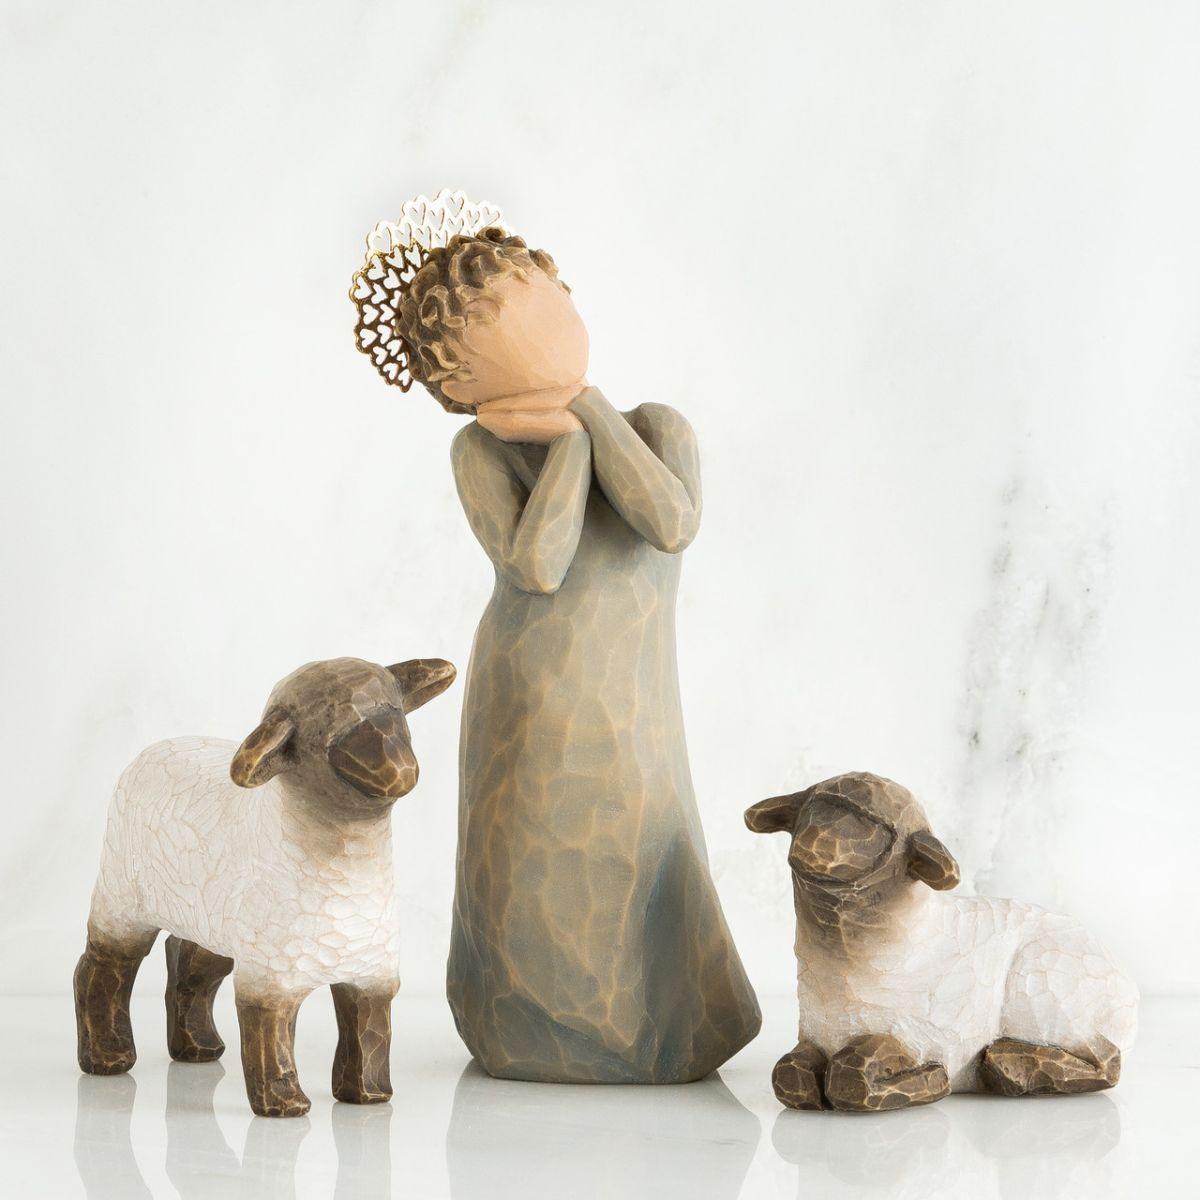 ウィローツリー  【Little Shepherdess】 - 小さな羊飼い